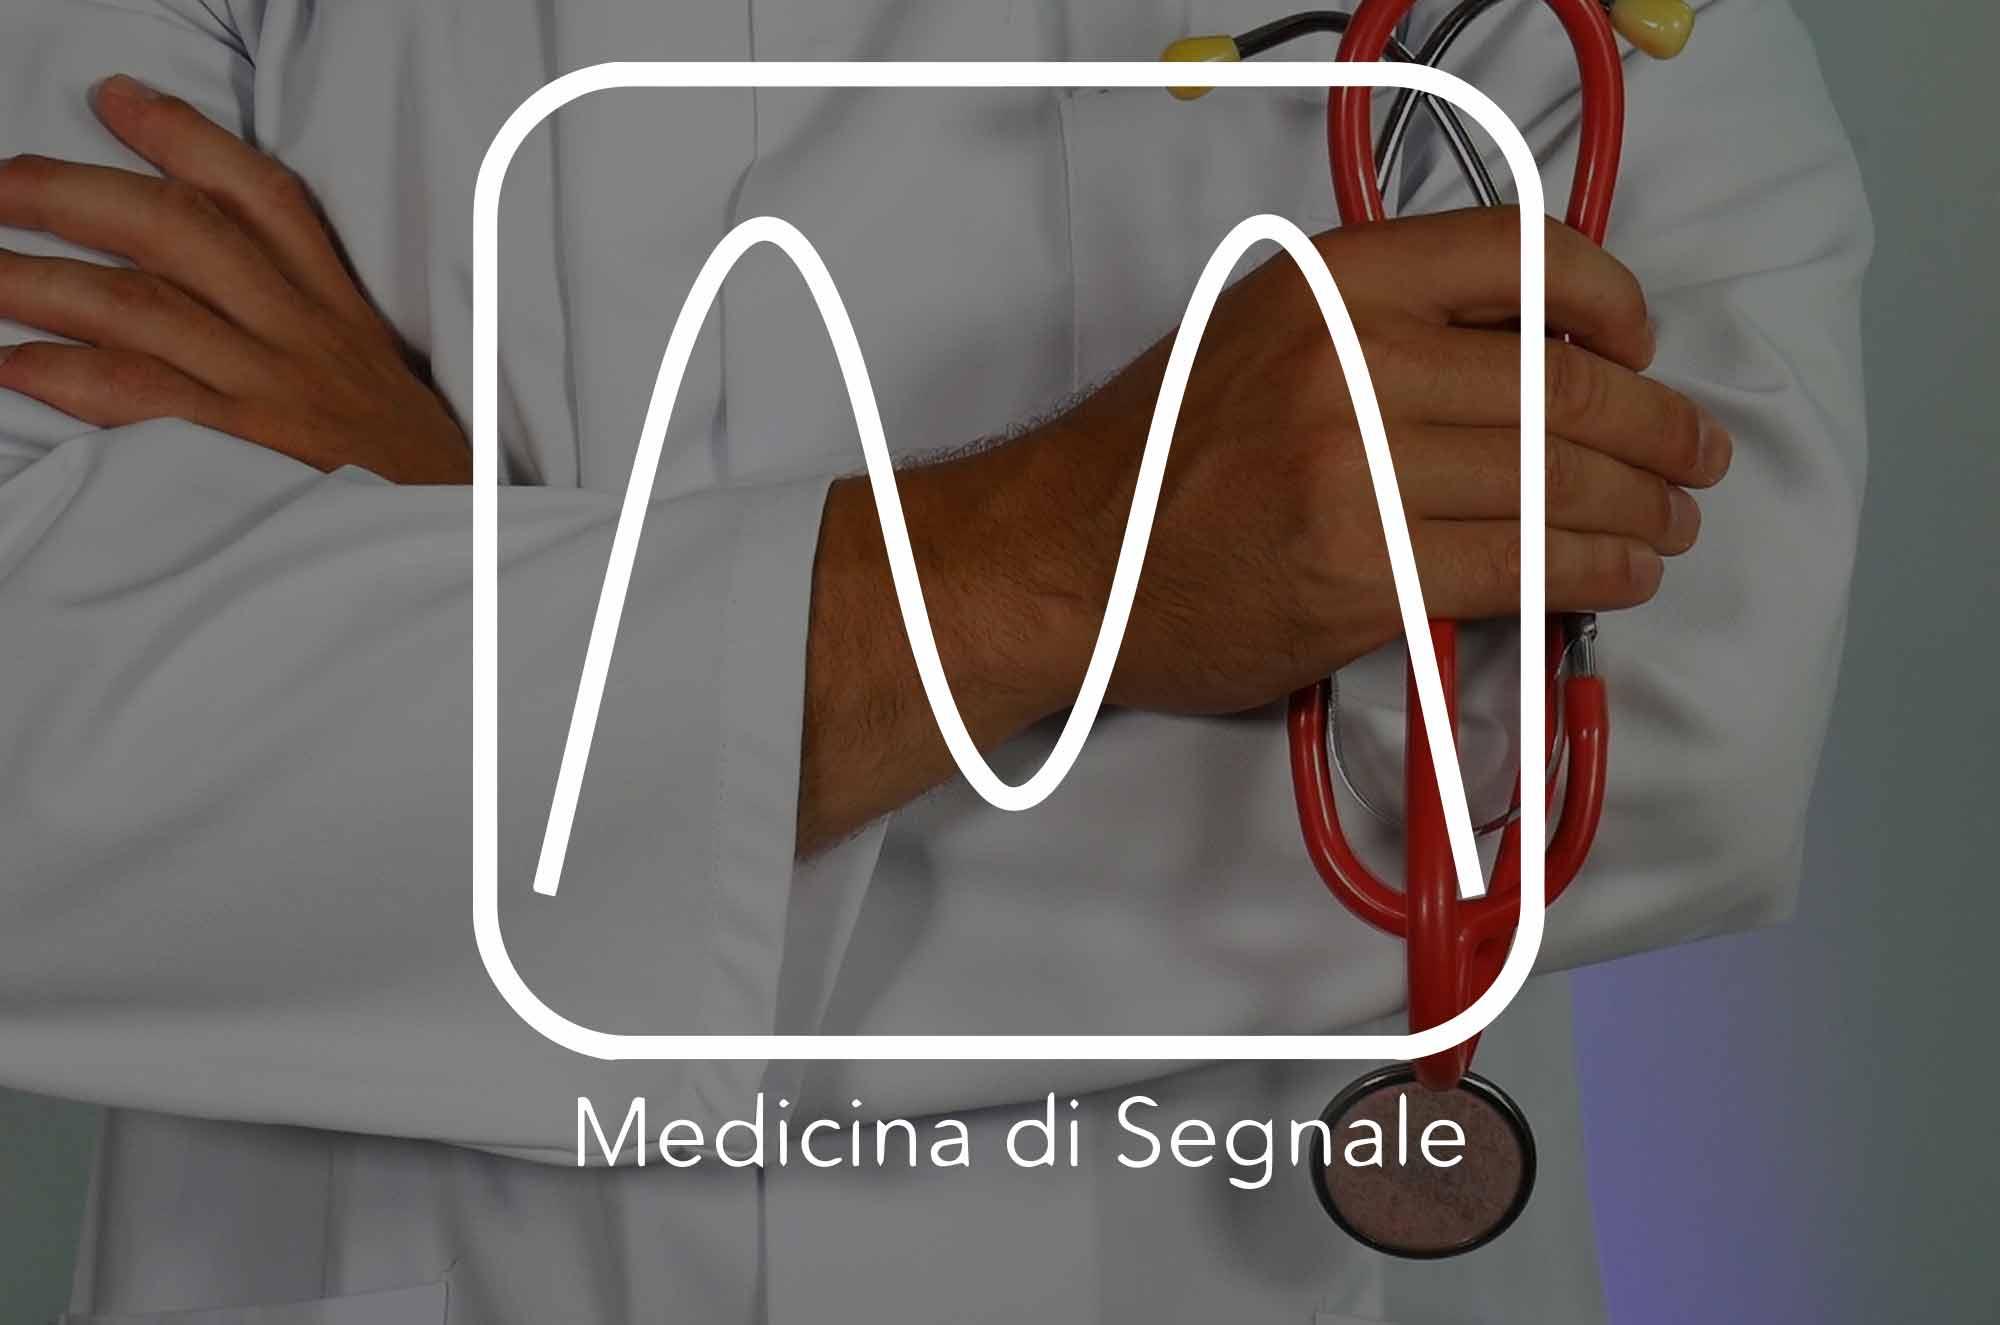 Medicina di segnale